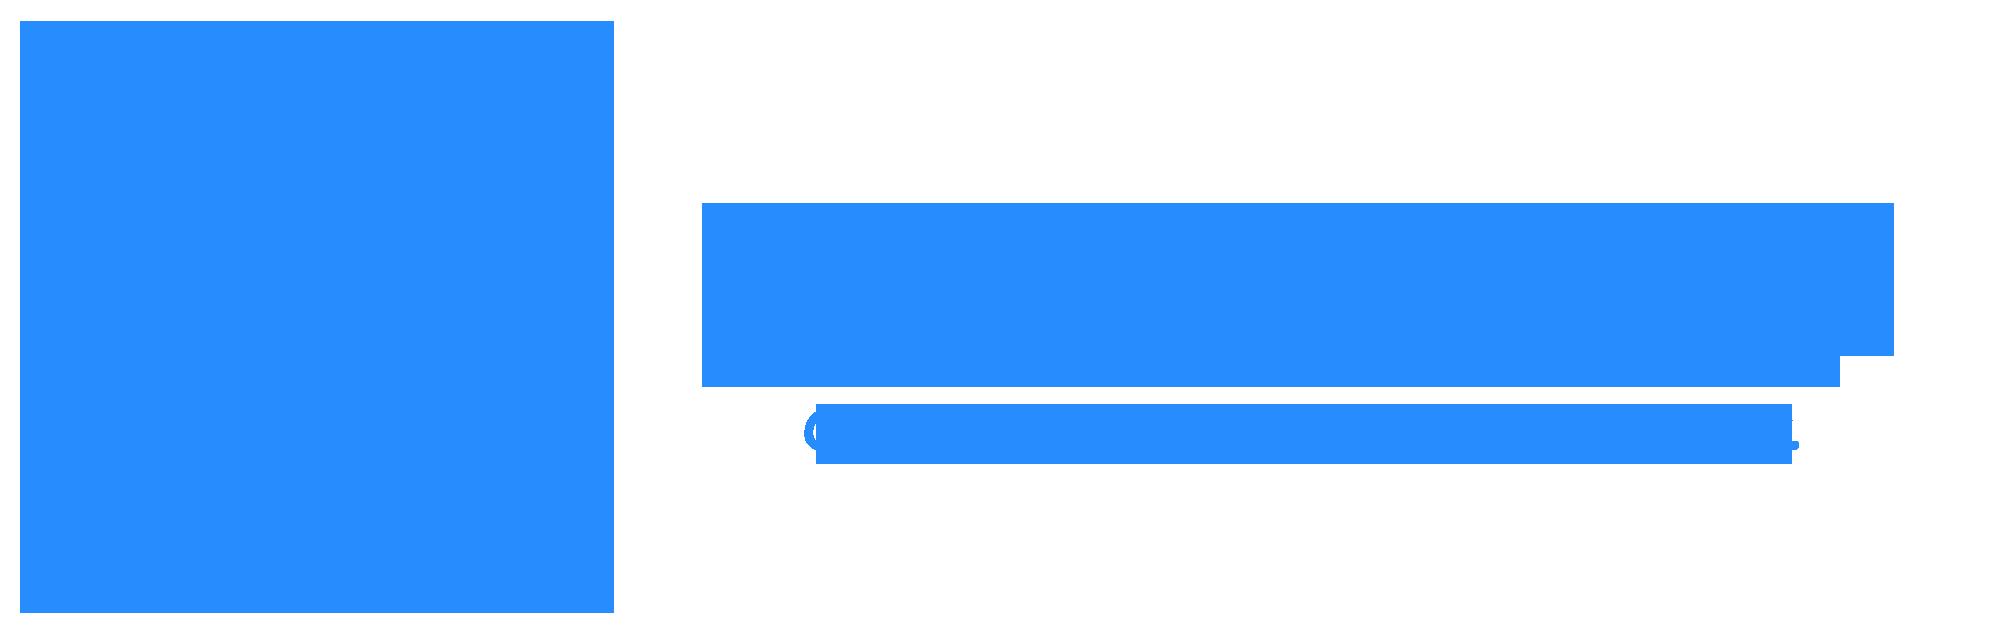 educate-magis-spanish